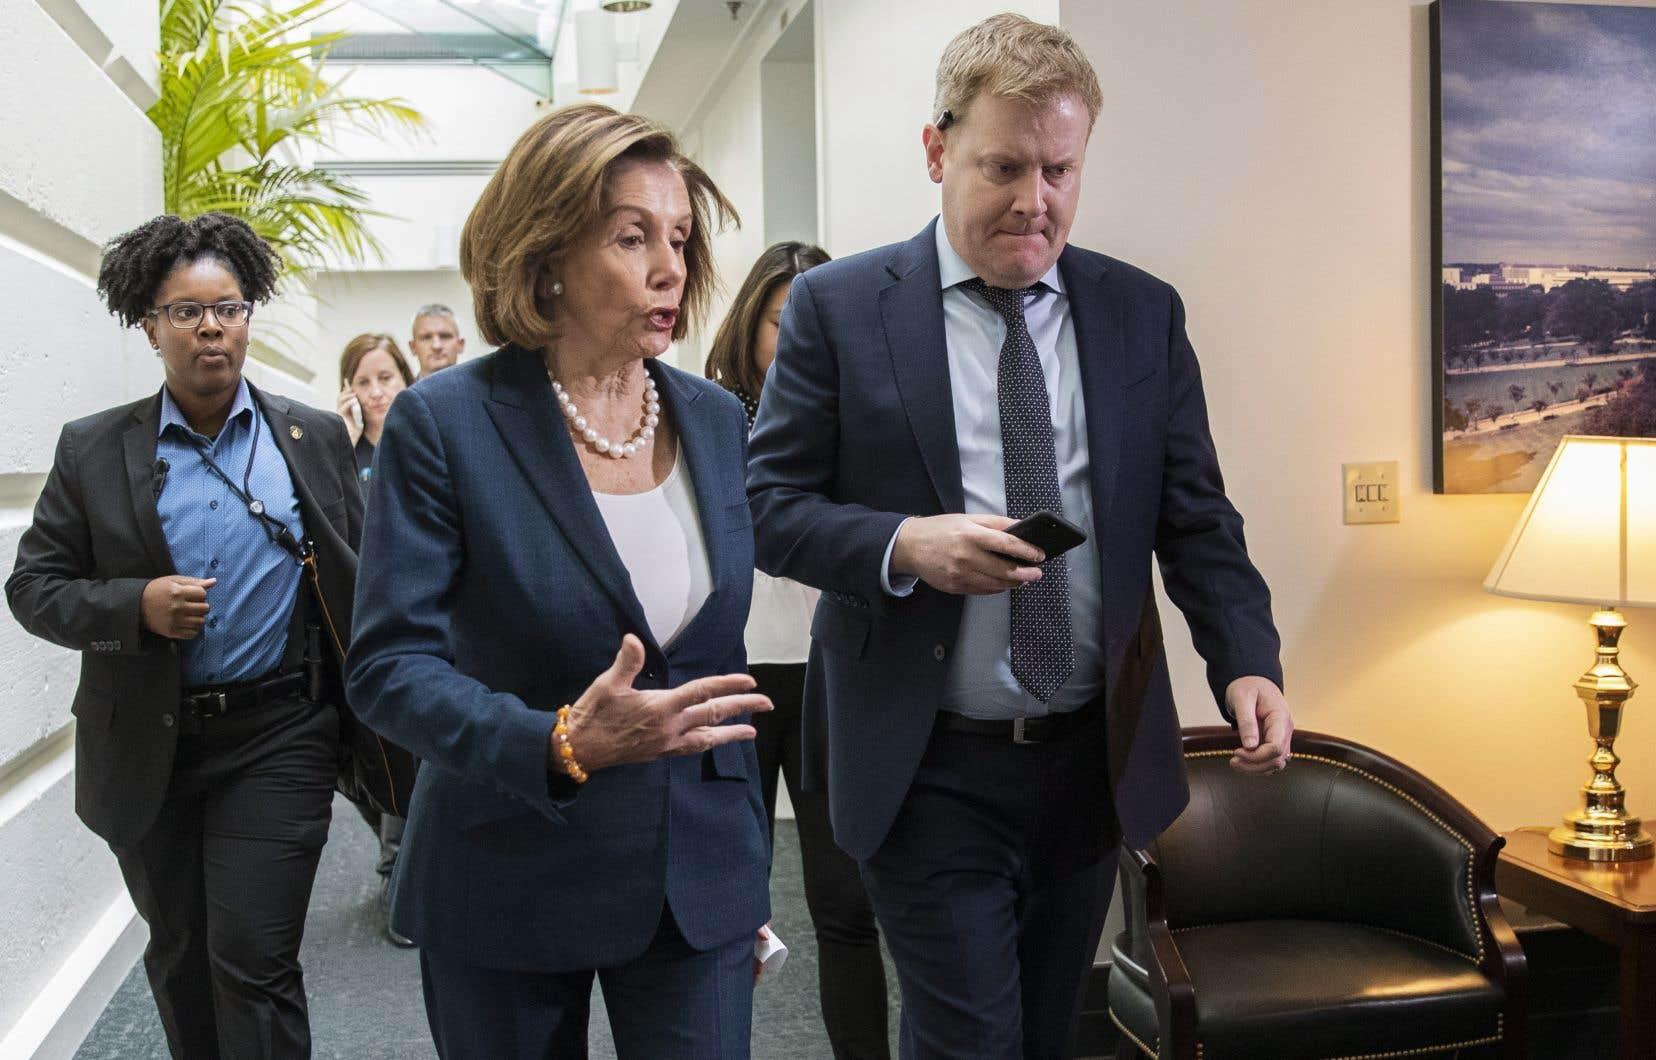 La présidente de la Chambre des représentants des États-Unis, Nancy Pelosi, a annoncé la tenue d'un vote jeudi pour formaliser l'enquête en vue d'une procédure de destitution contre Donald Trump.